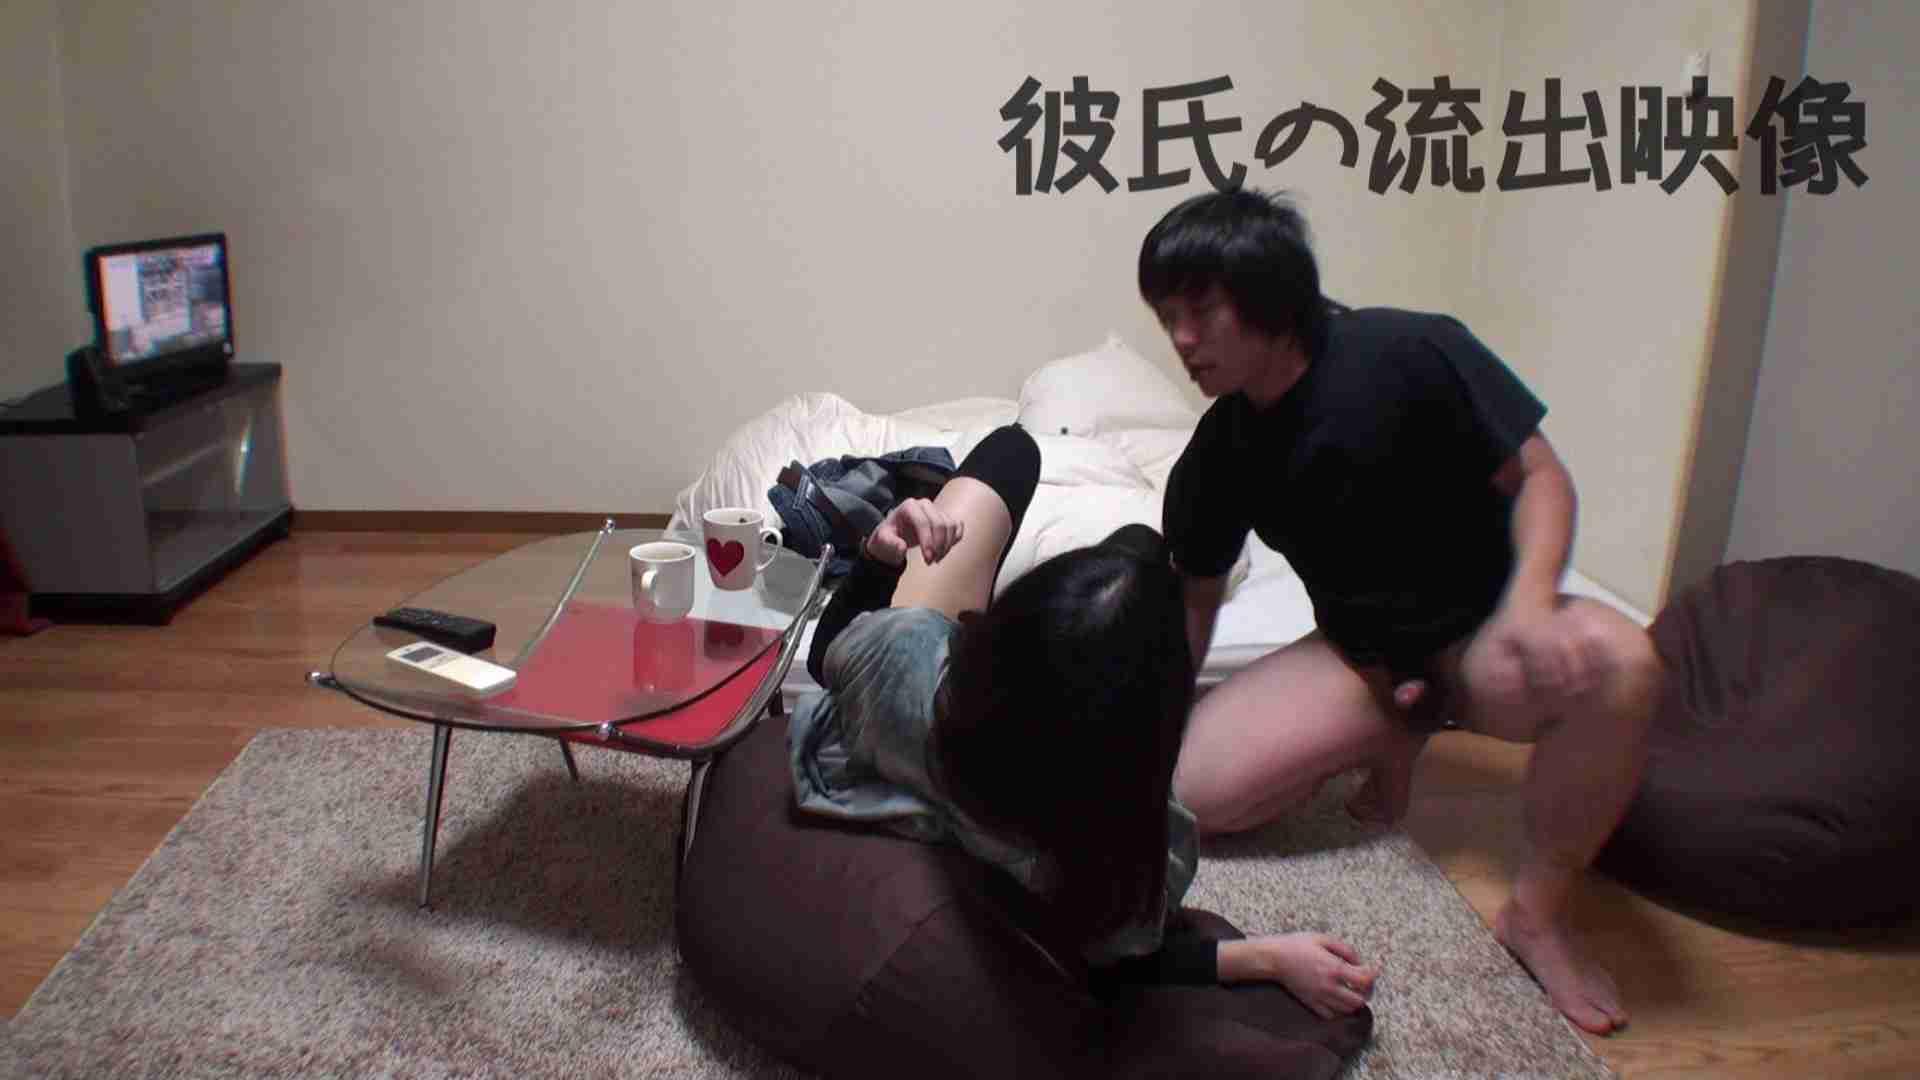 彼氏が流出 パイパン素人嬢のハメ撮り映像02 一般投稿 | ギャル達のSEX  61画像 40